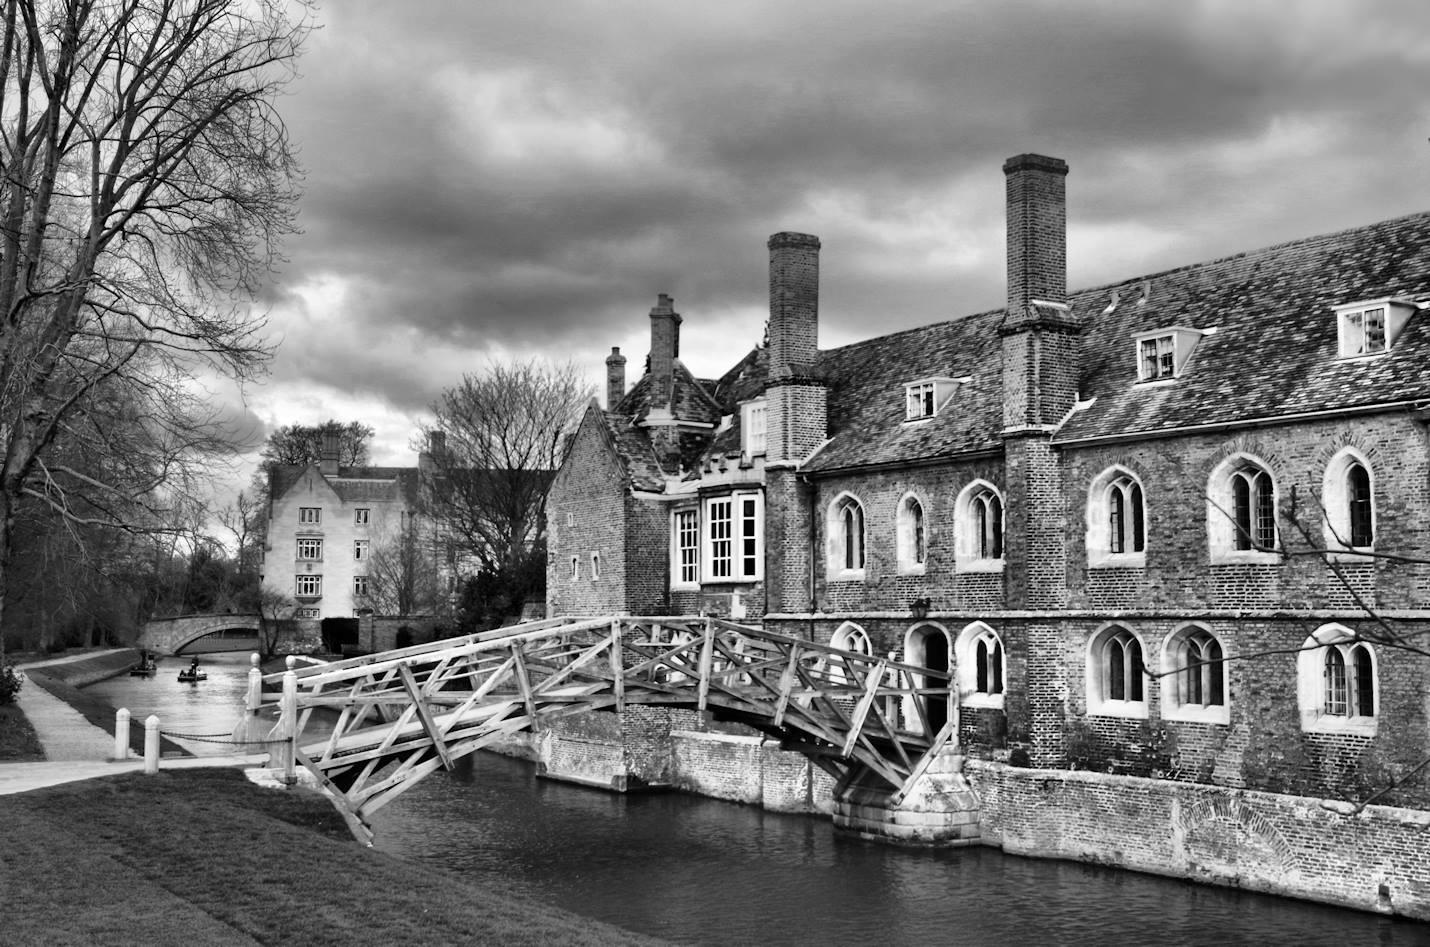 The Mathematical Bridge at Queens' College Cambridge, designed in 1748.